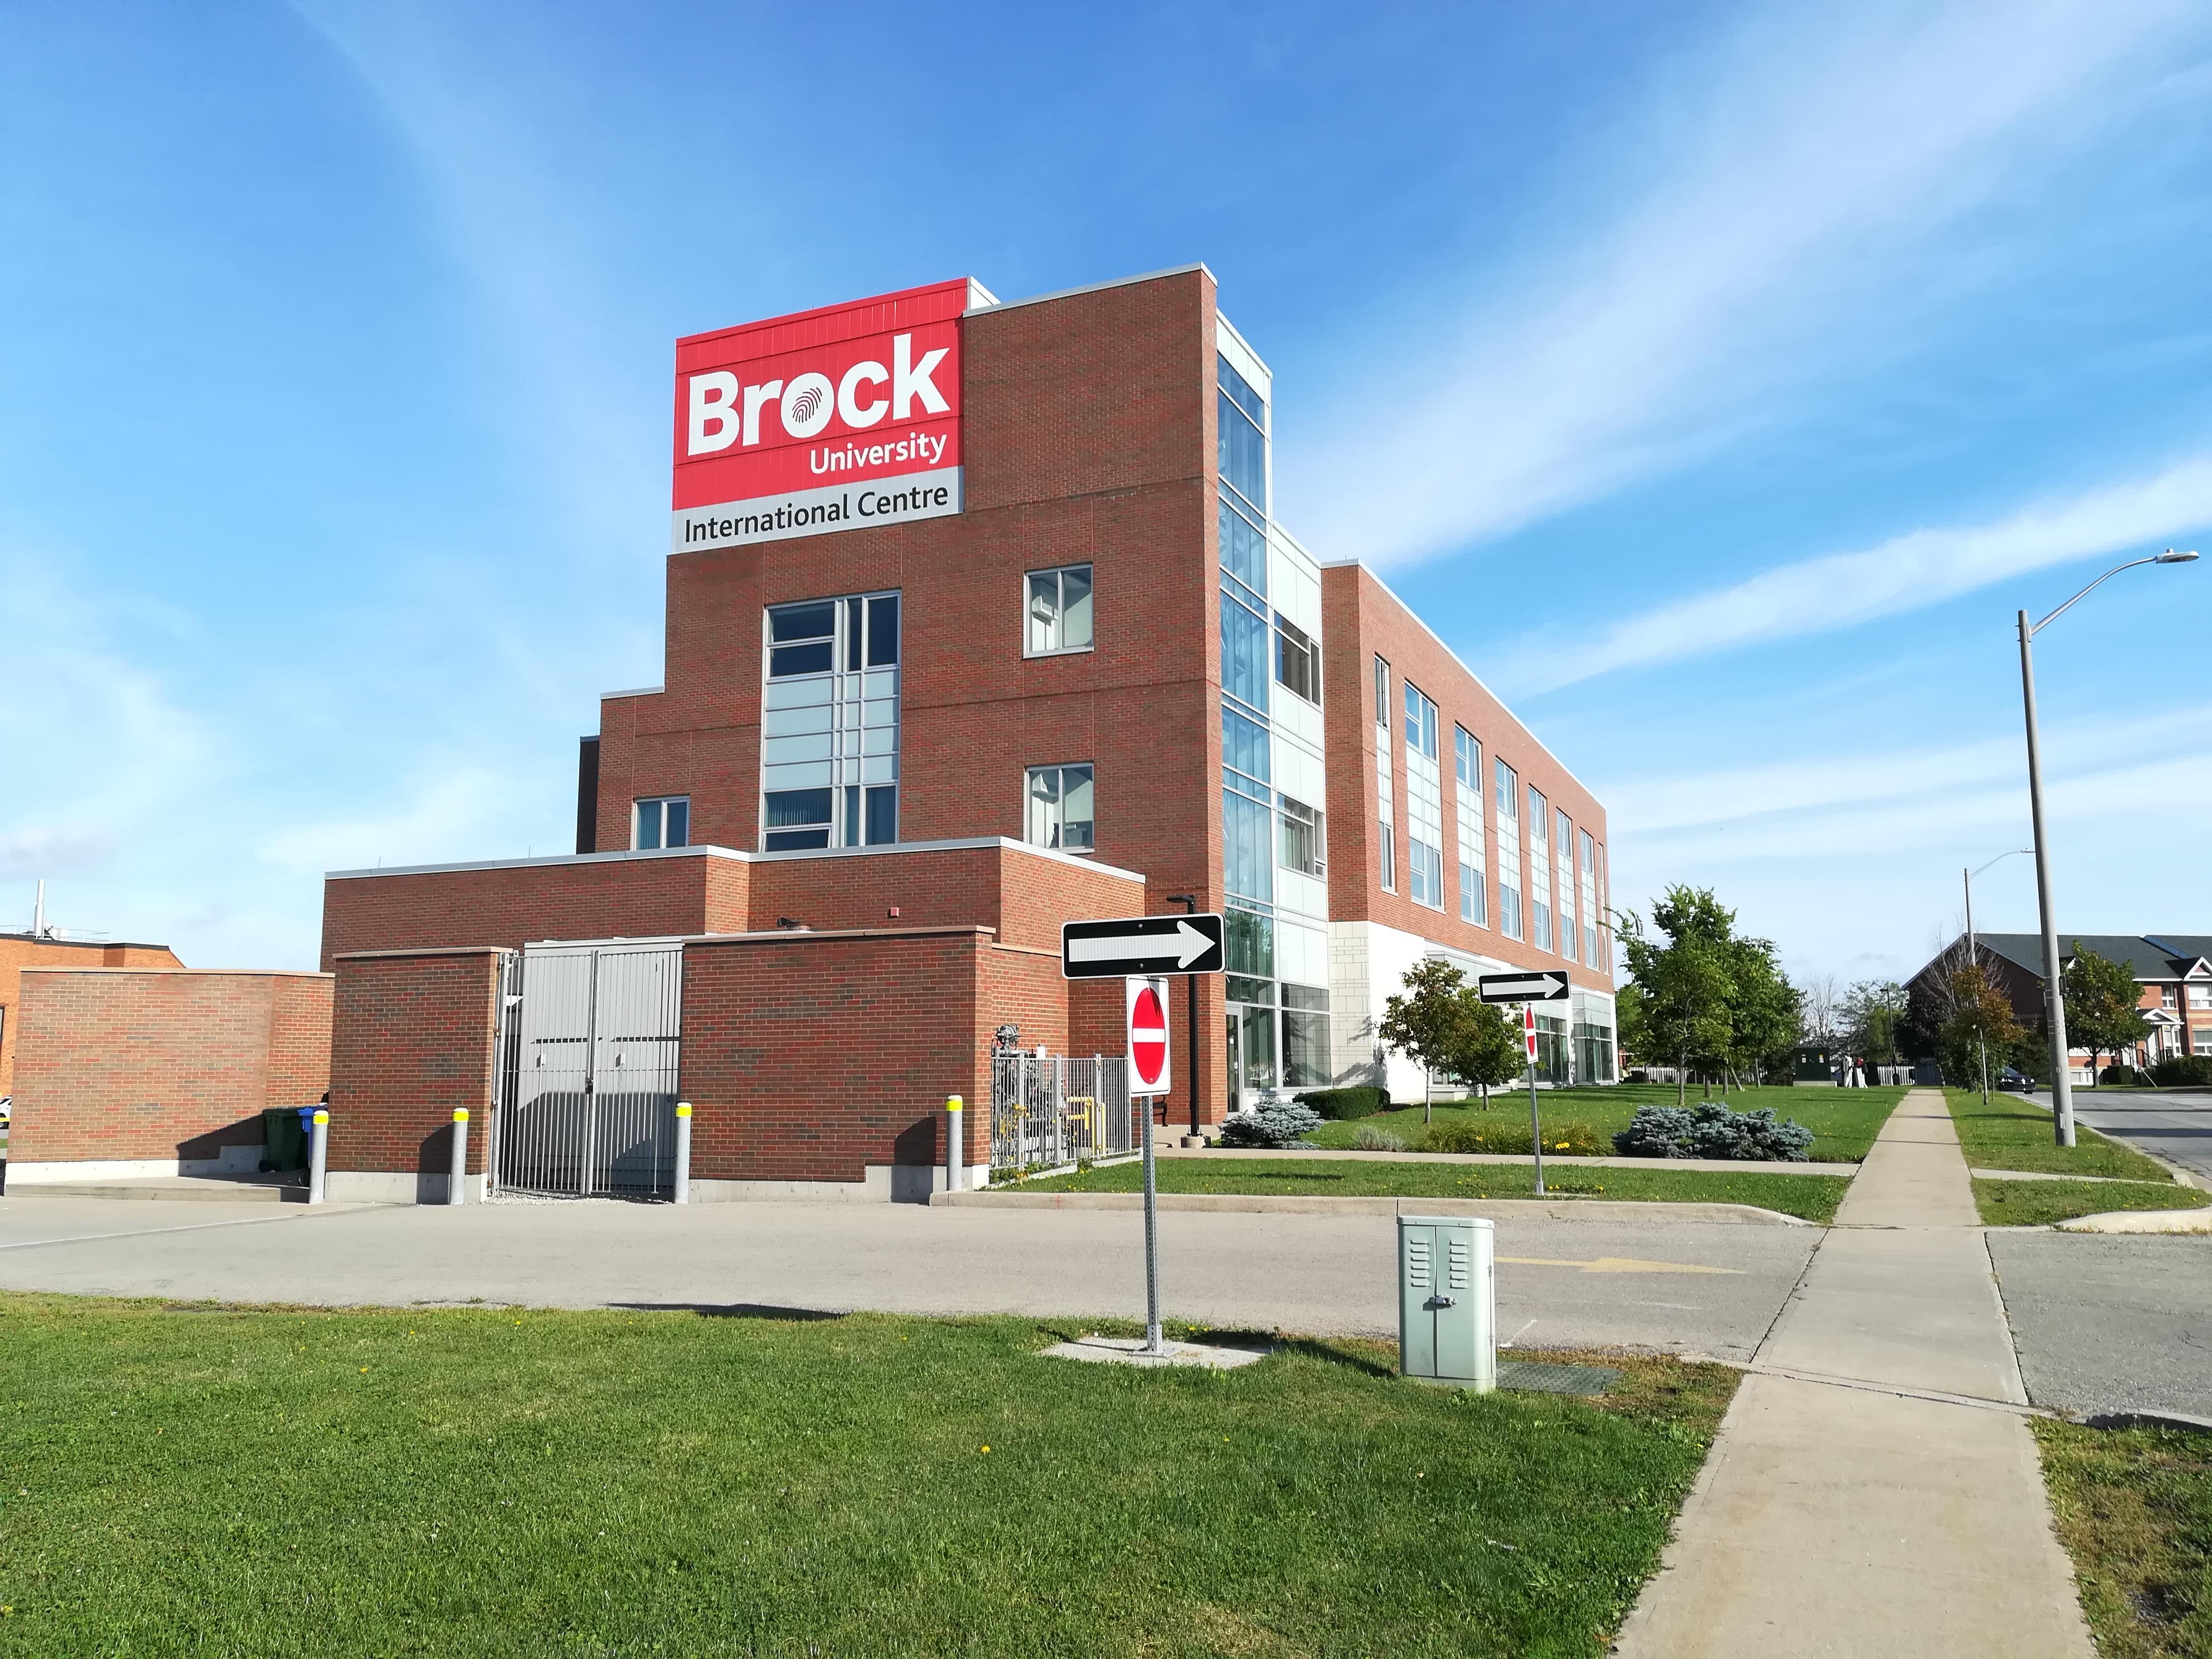 ブロック大学(カナダ)